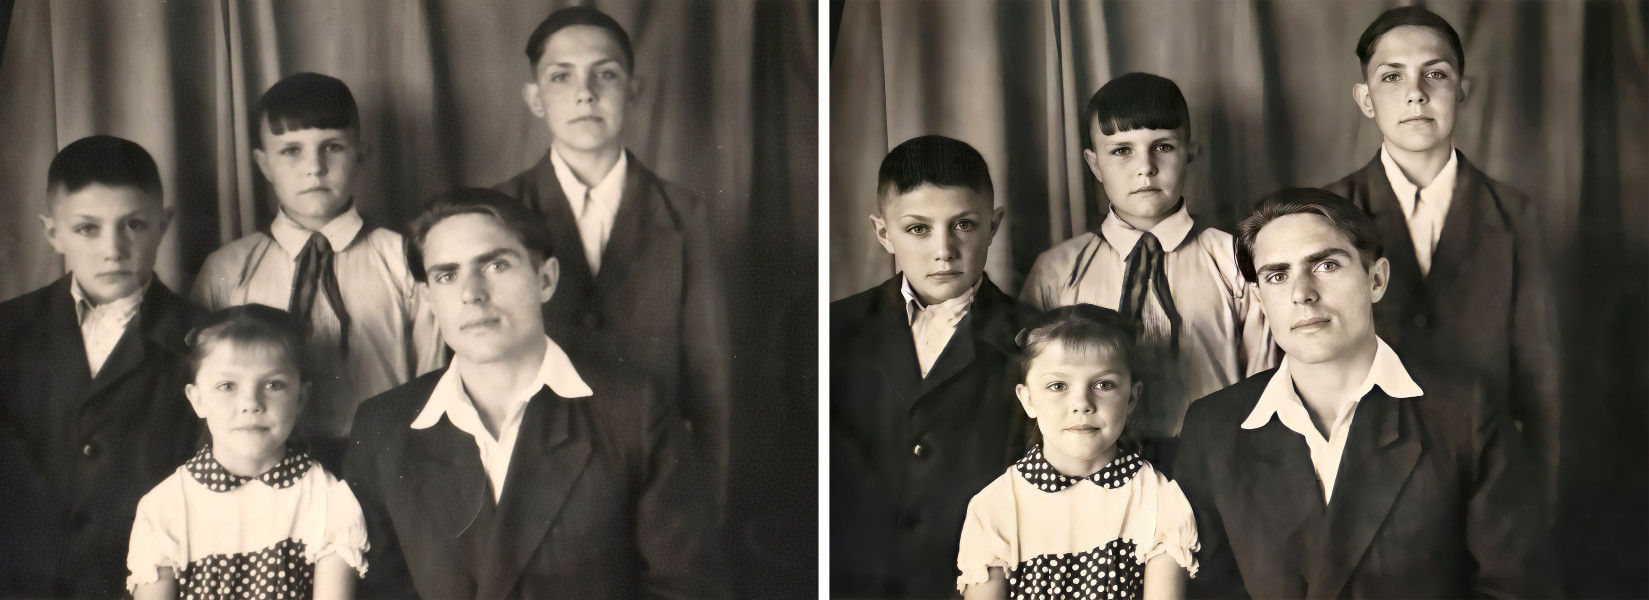 Восстановление семейной фотографии (до и после обработки)